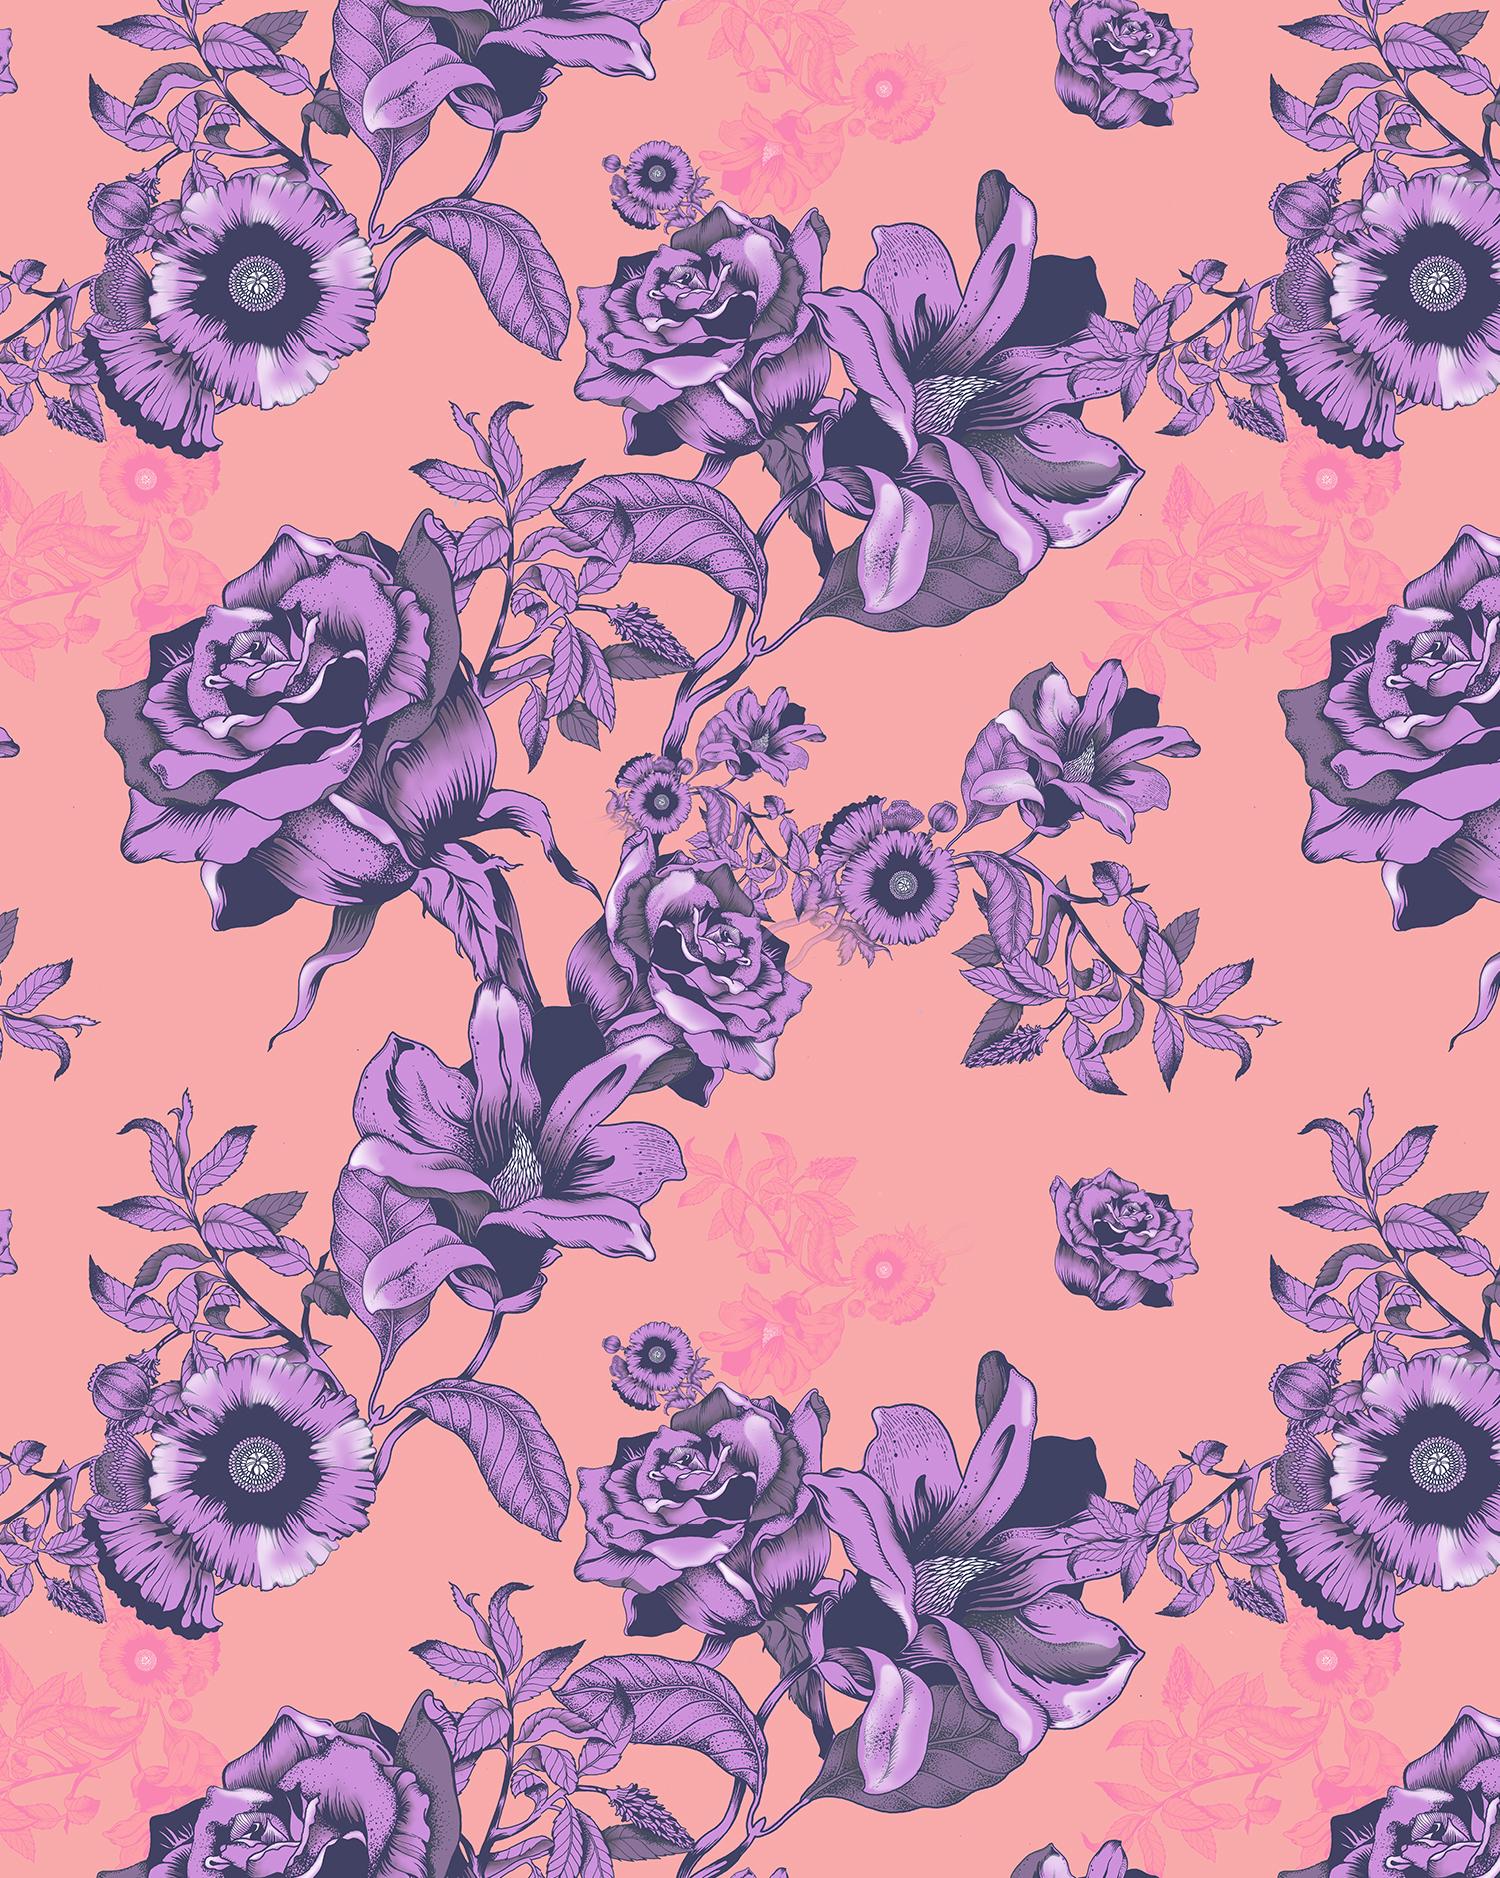 PommeChan_PatternFinal1_Violet_Pink_1 copy.jpg